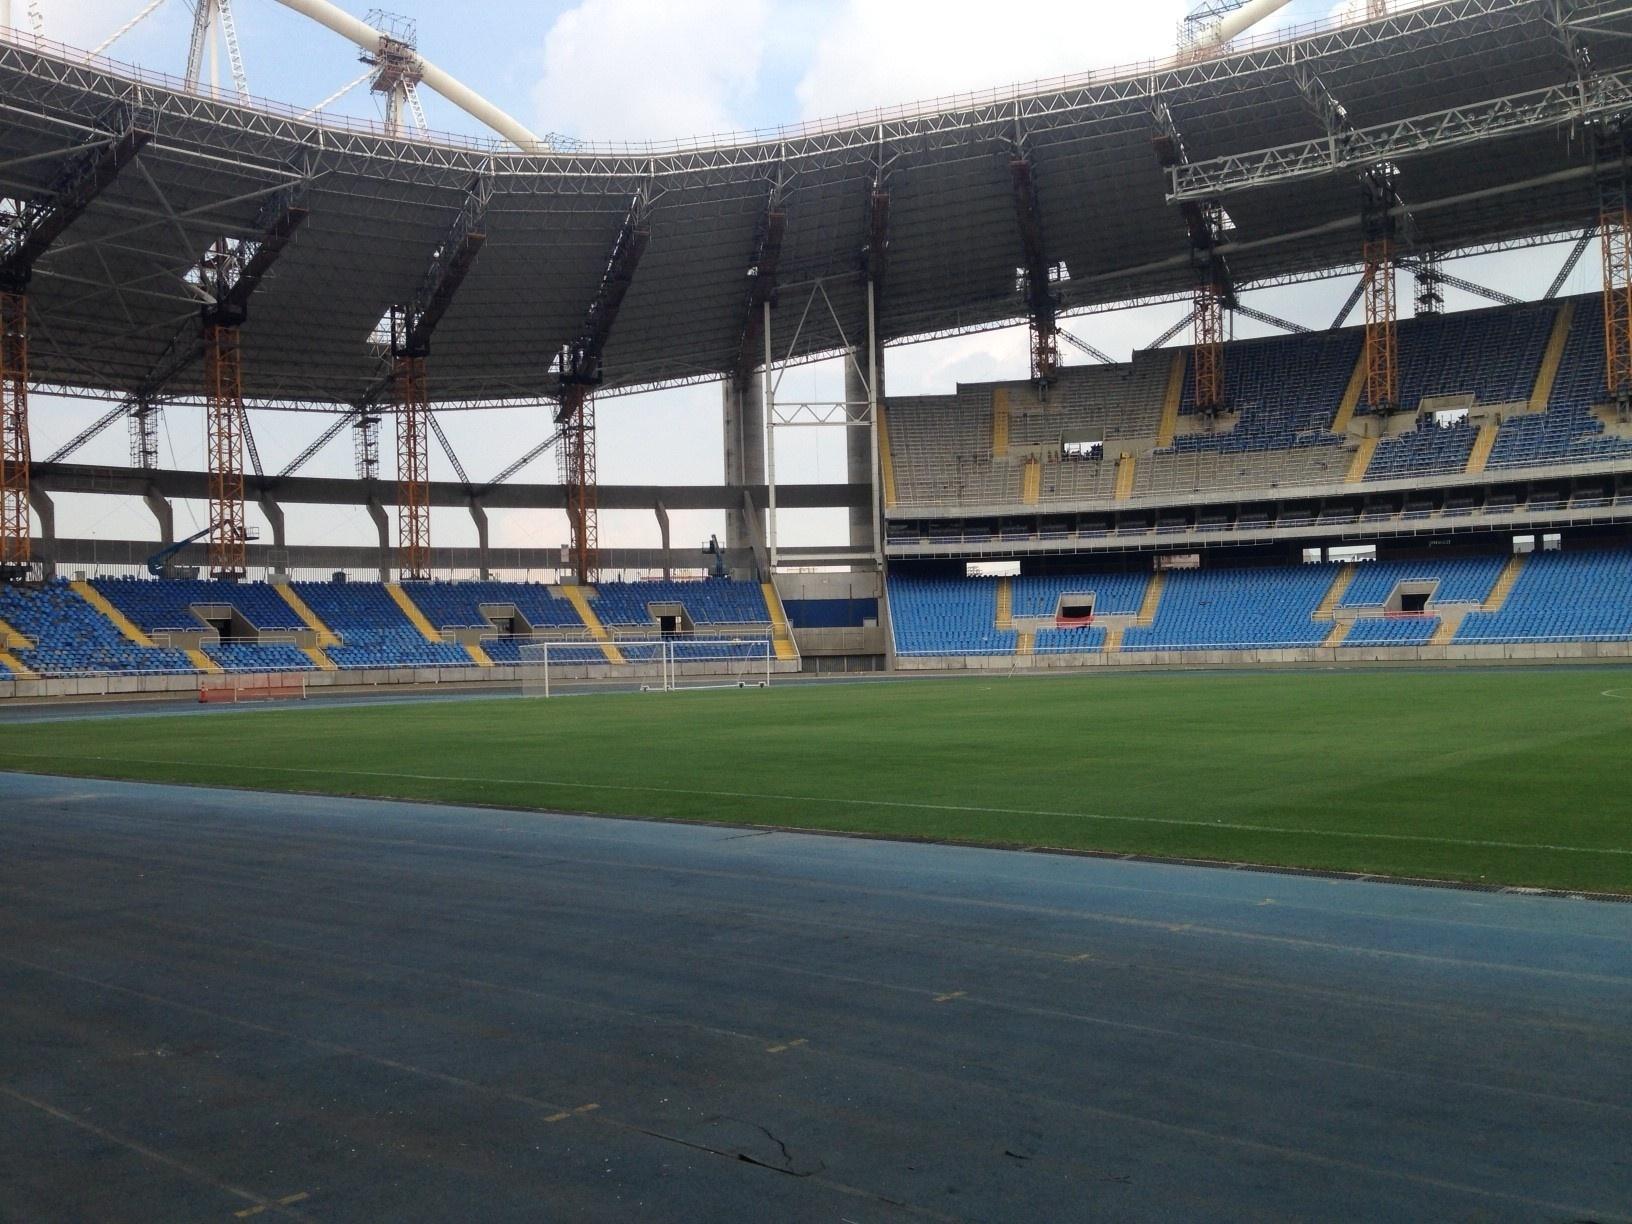 23 jan. 2015 - Máquinas deixam gramado do Engenhão antes de amistoso do Botafogo com o Shandong Luneng